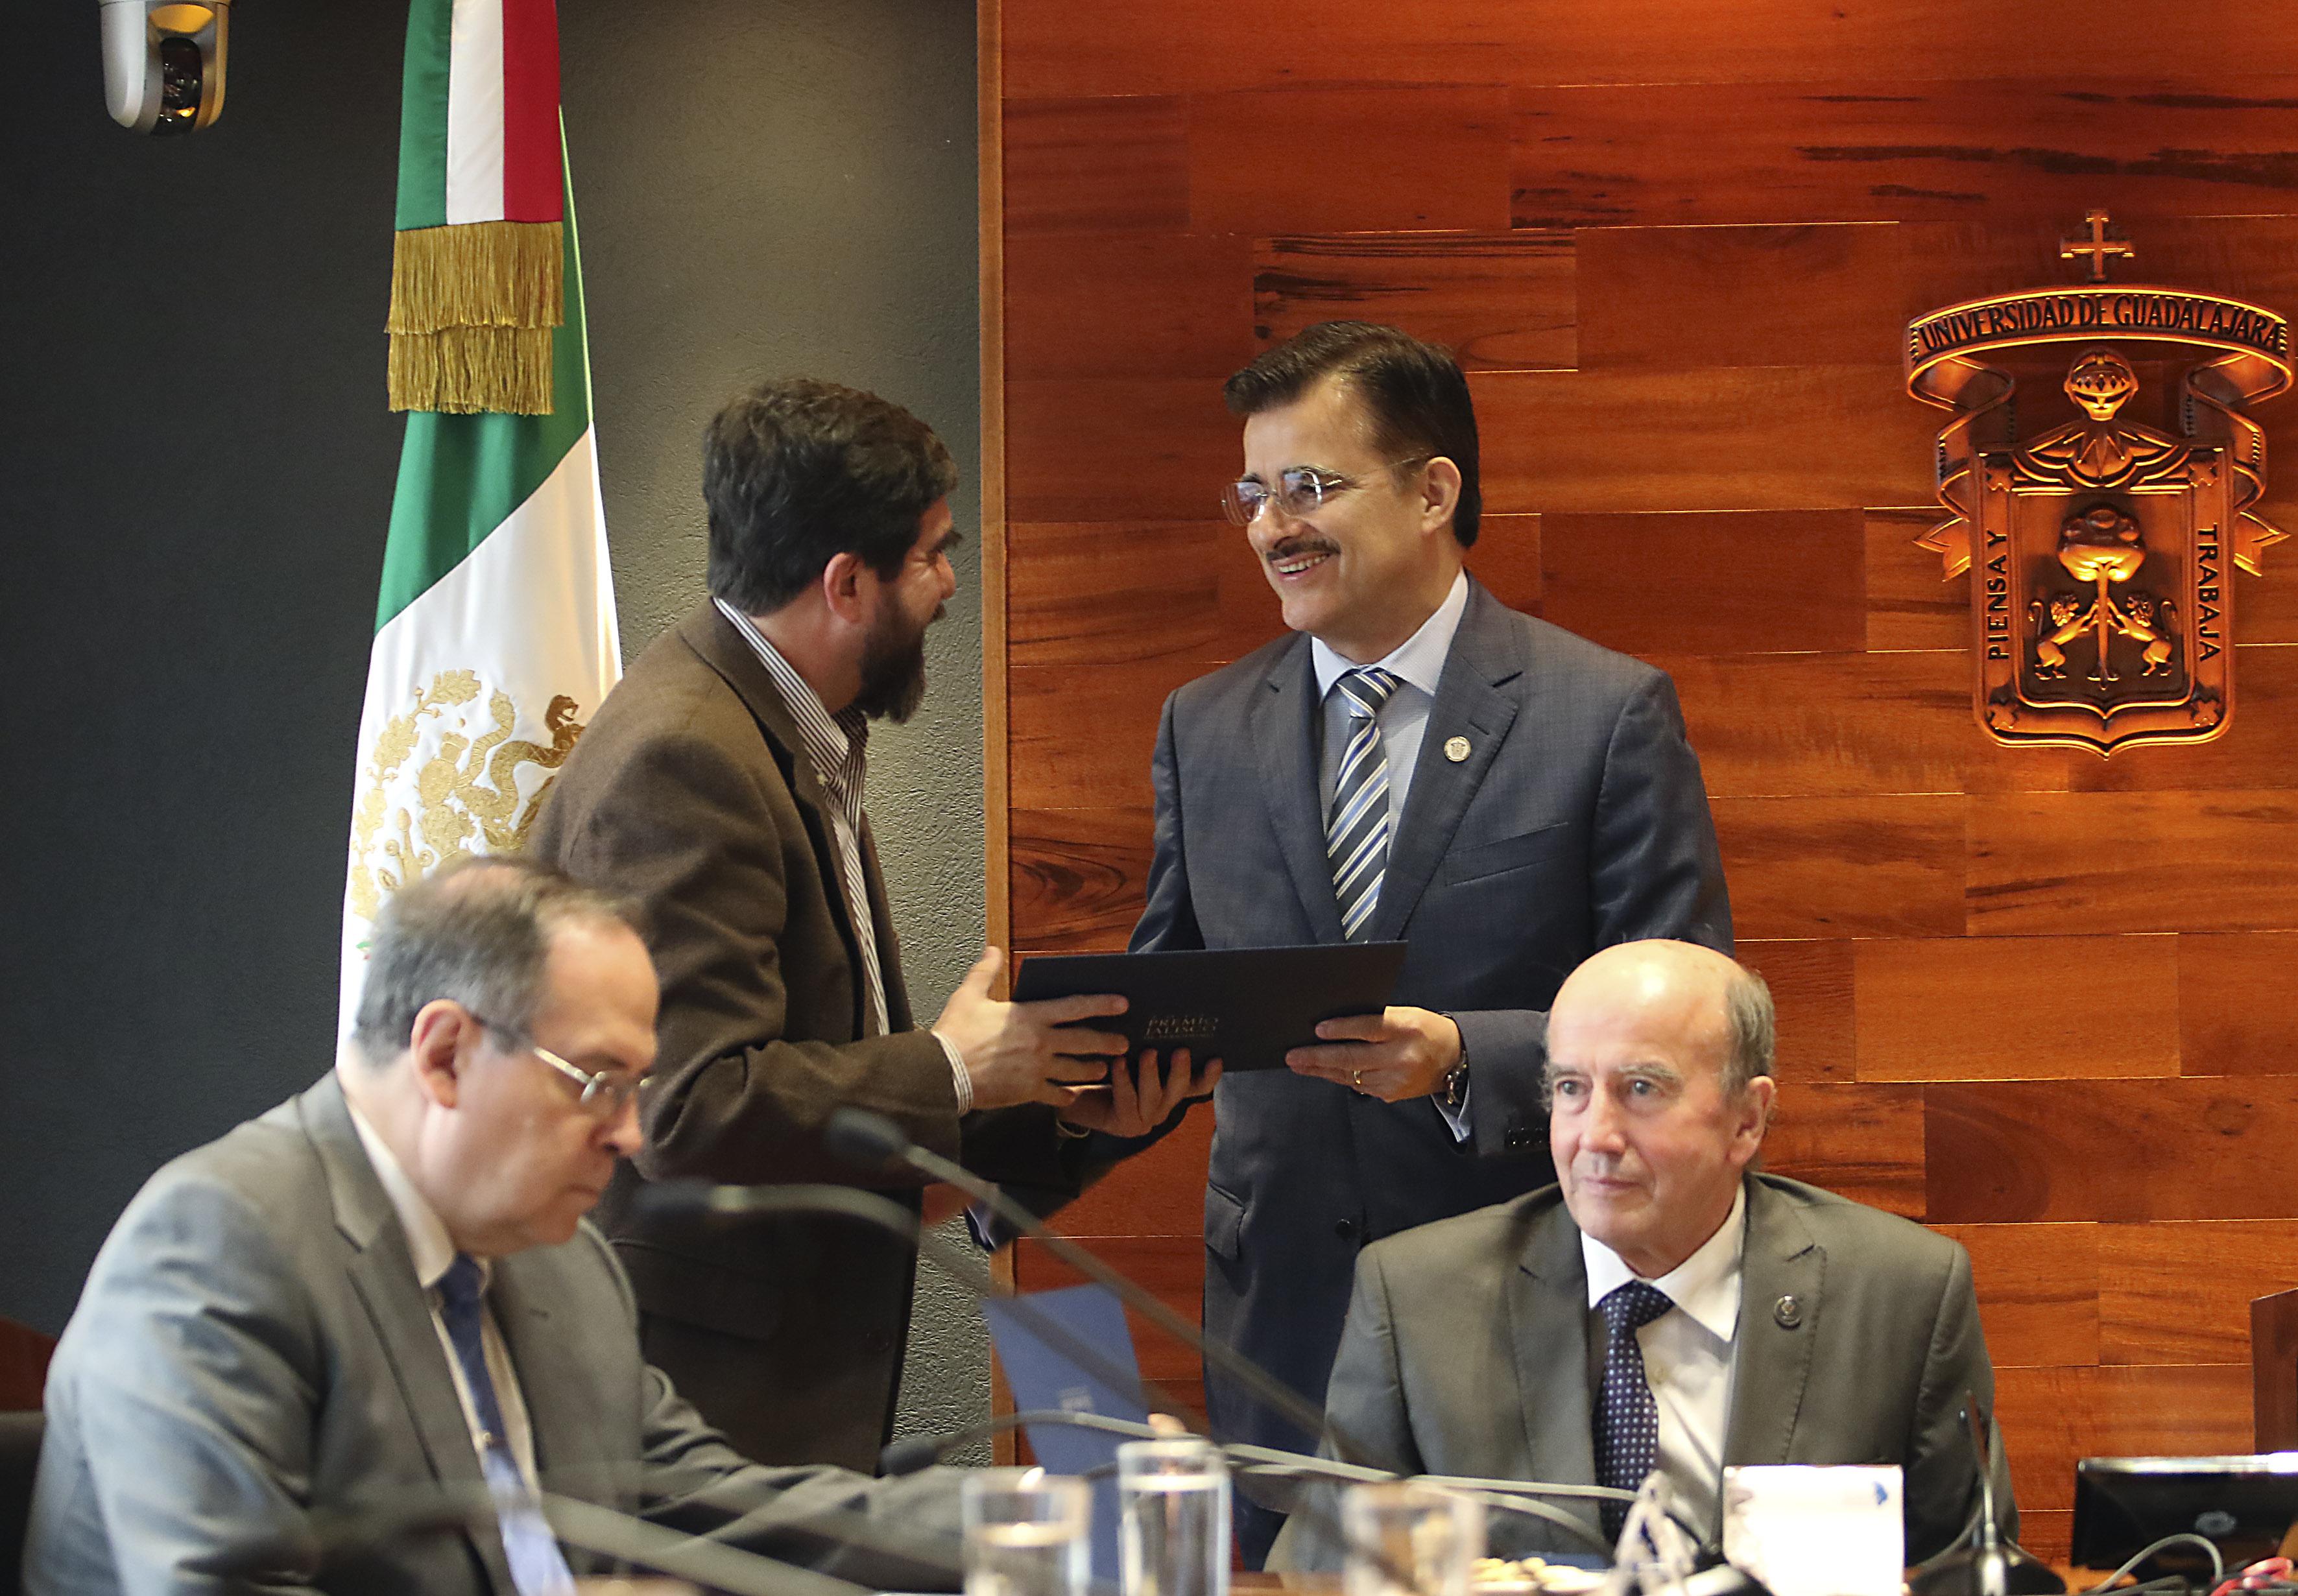 Mtro. Itzcóatl Tonatiuh Bravo Padilla participando en la entrega de presidencia del Premio Jalisco de Periodismo